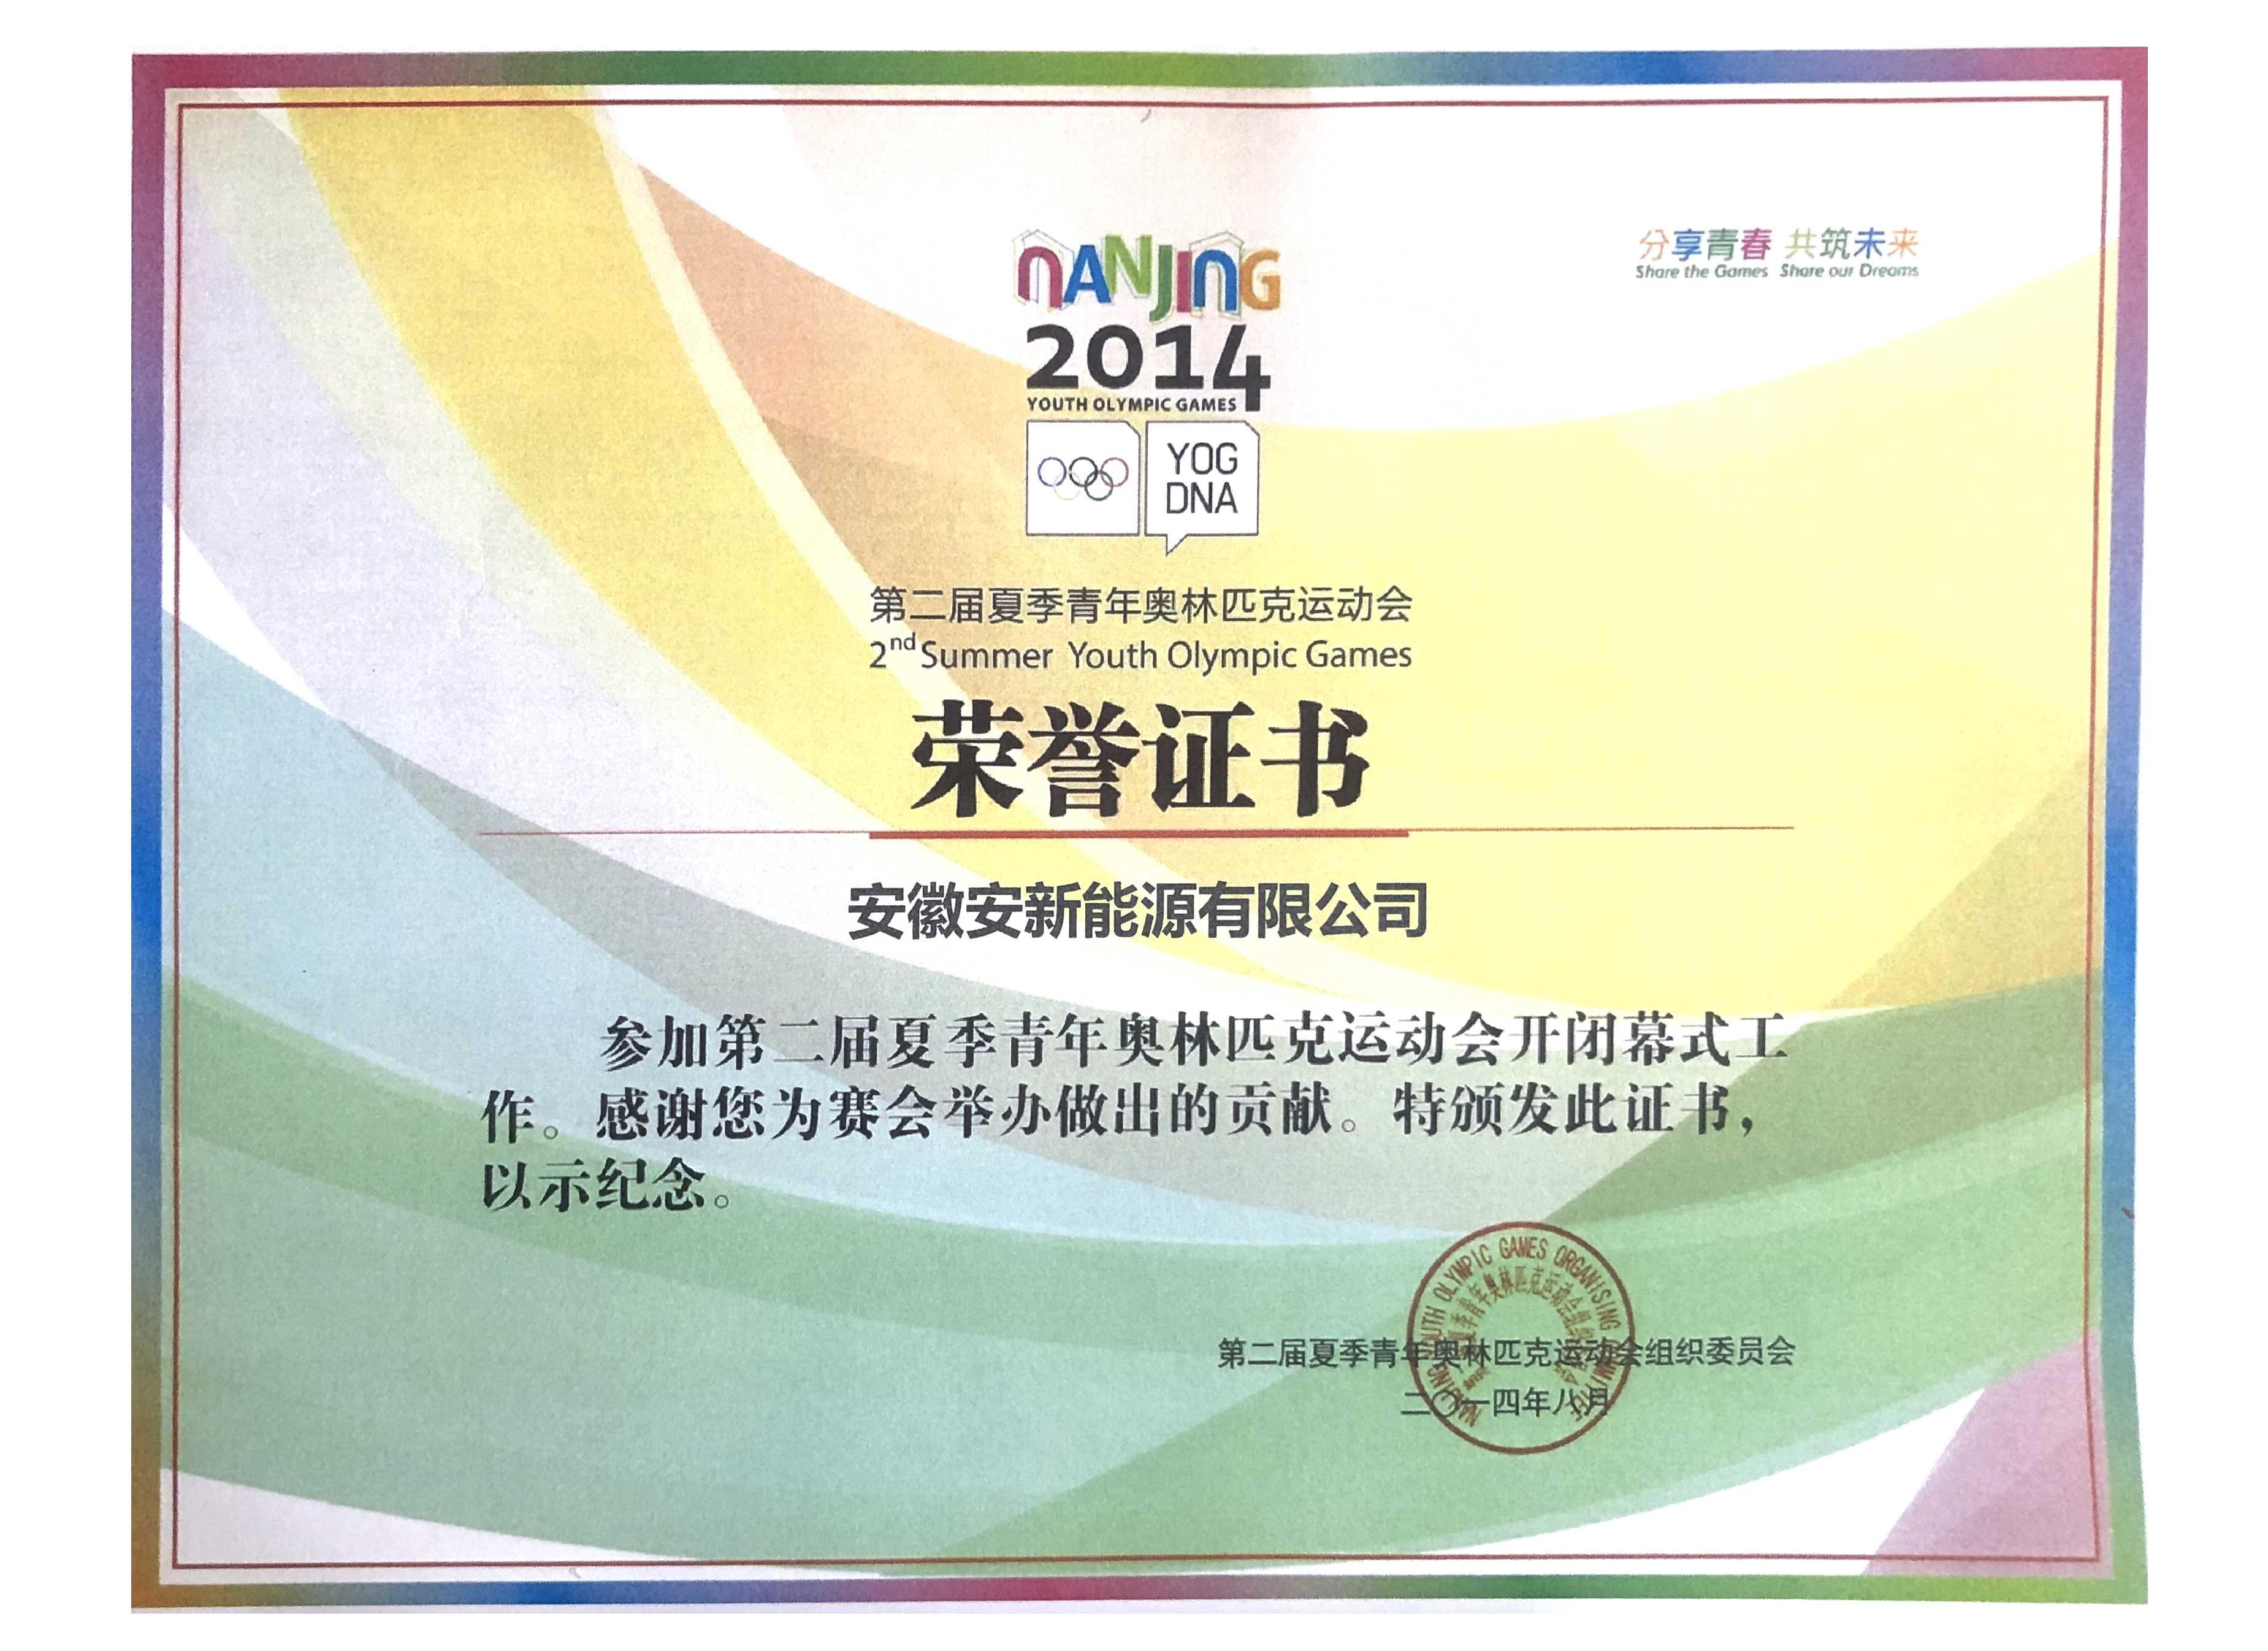 第二届夏季青年运动会荣誉证书公司证书